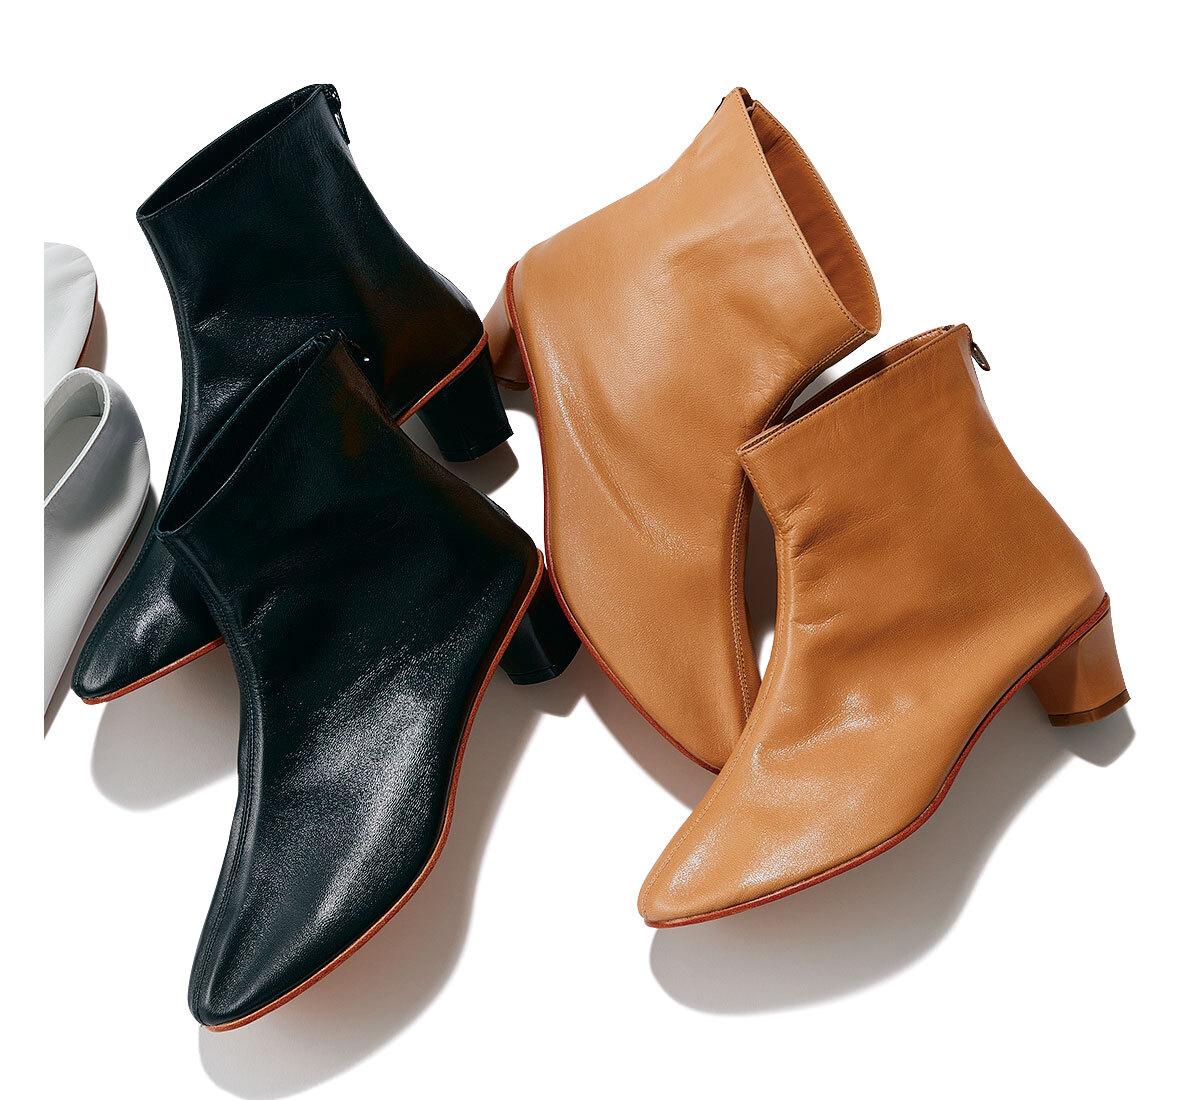 マルティニアーノ  HIGH LEONE ブーツ カラー:CAMEL、BLACK サイズ:36~39 ¥71,500